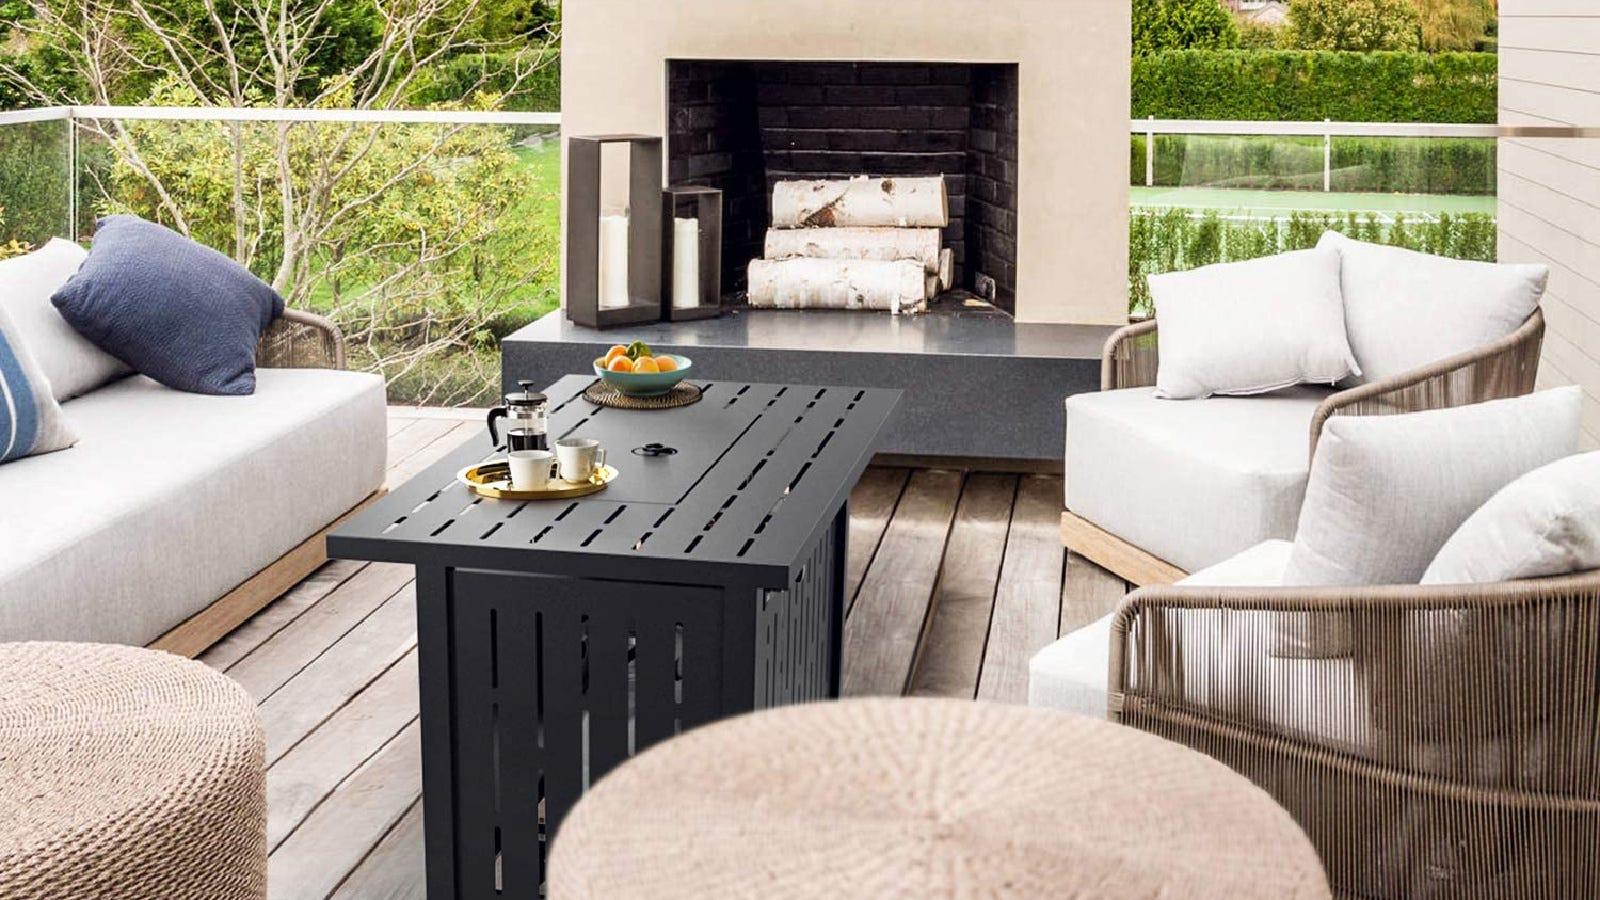 Uma mesa retangular SNAN colocada no meio de uma adorável mobília de jardim esbranquiçada ao ar livre, com algumas xícaras de café e uma cafeteira francesa.